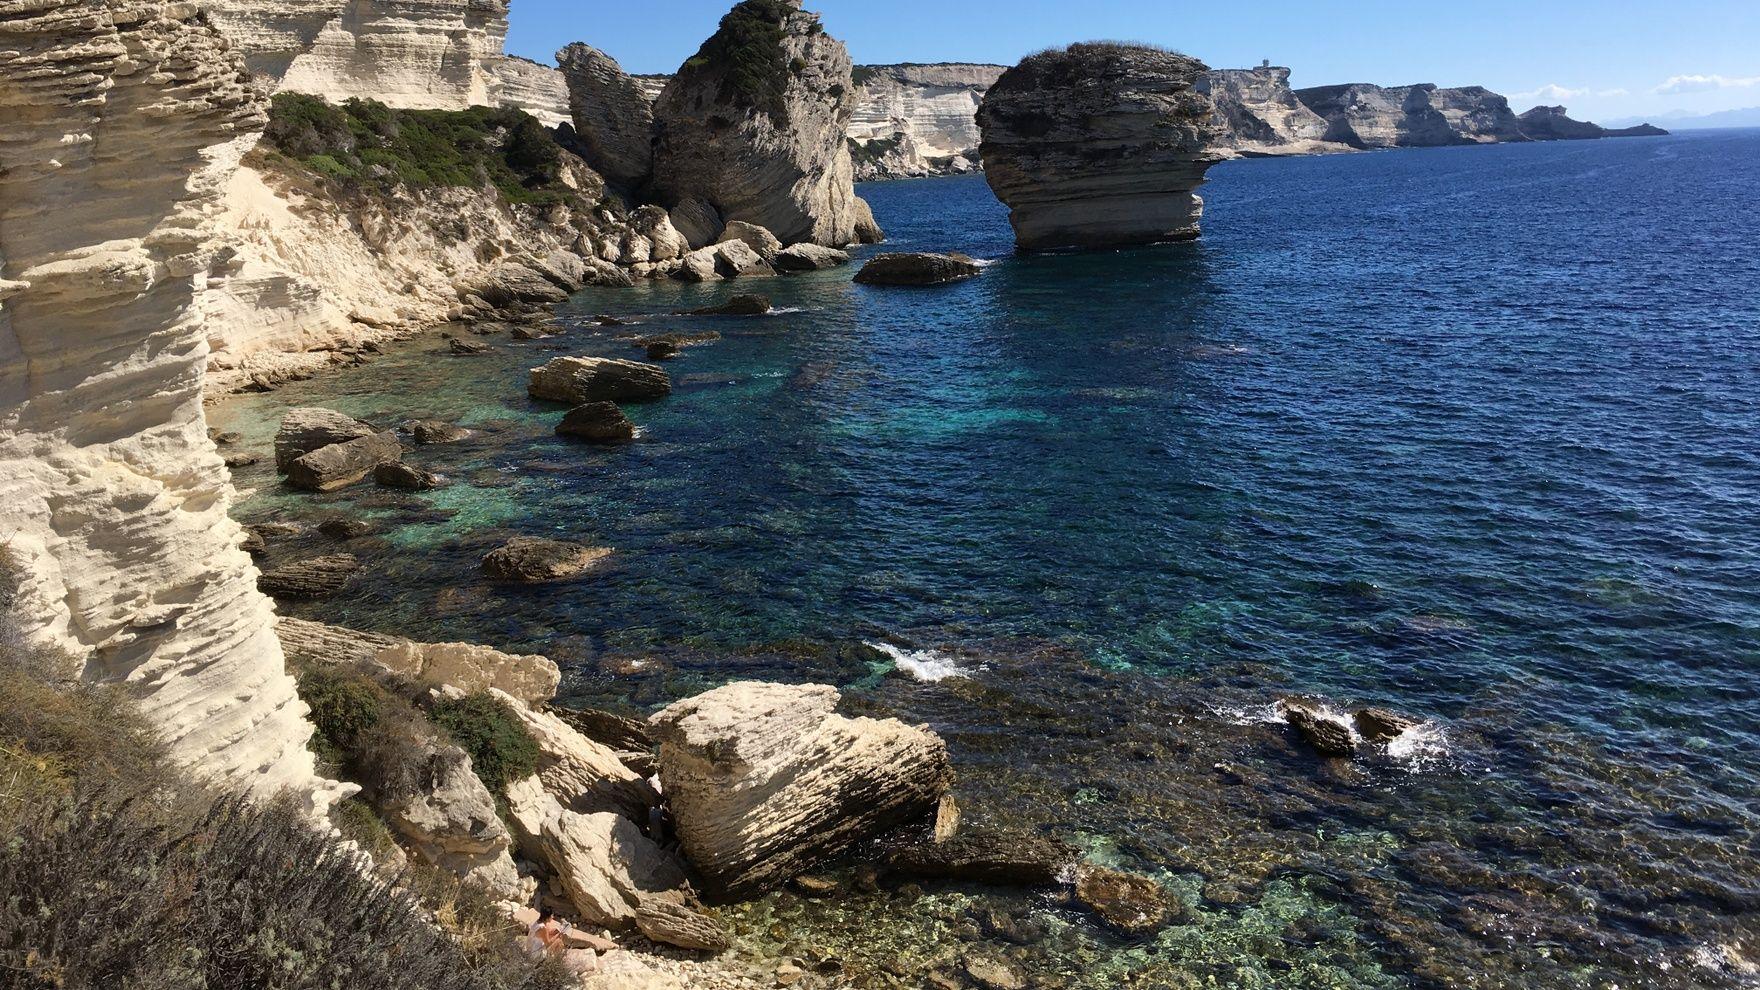 Mile building: Saint Tropez— Malta